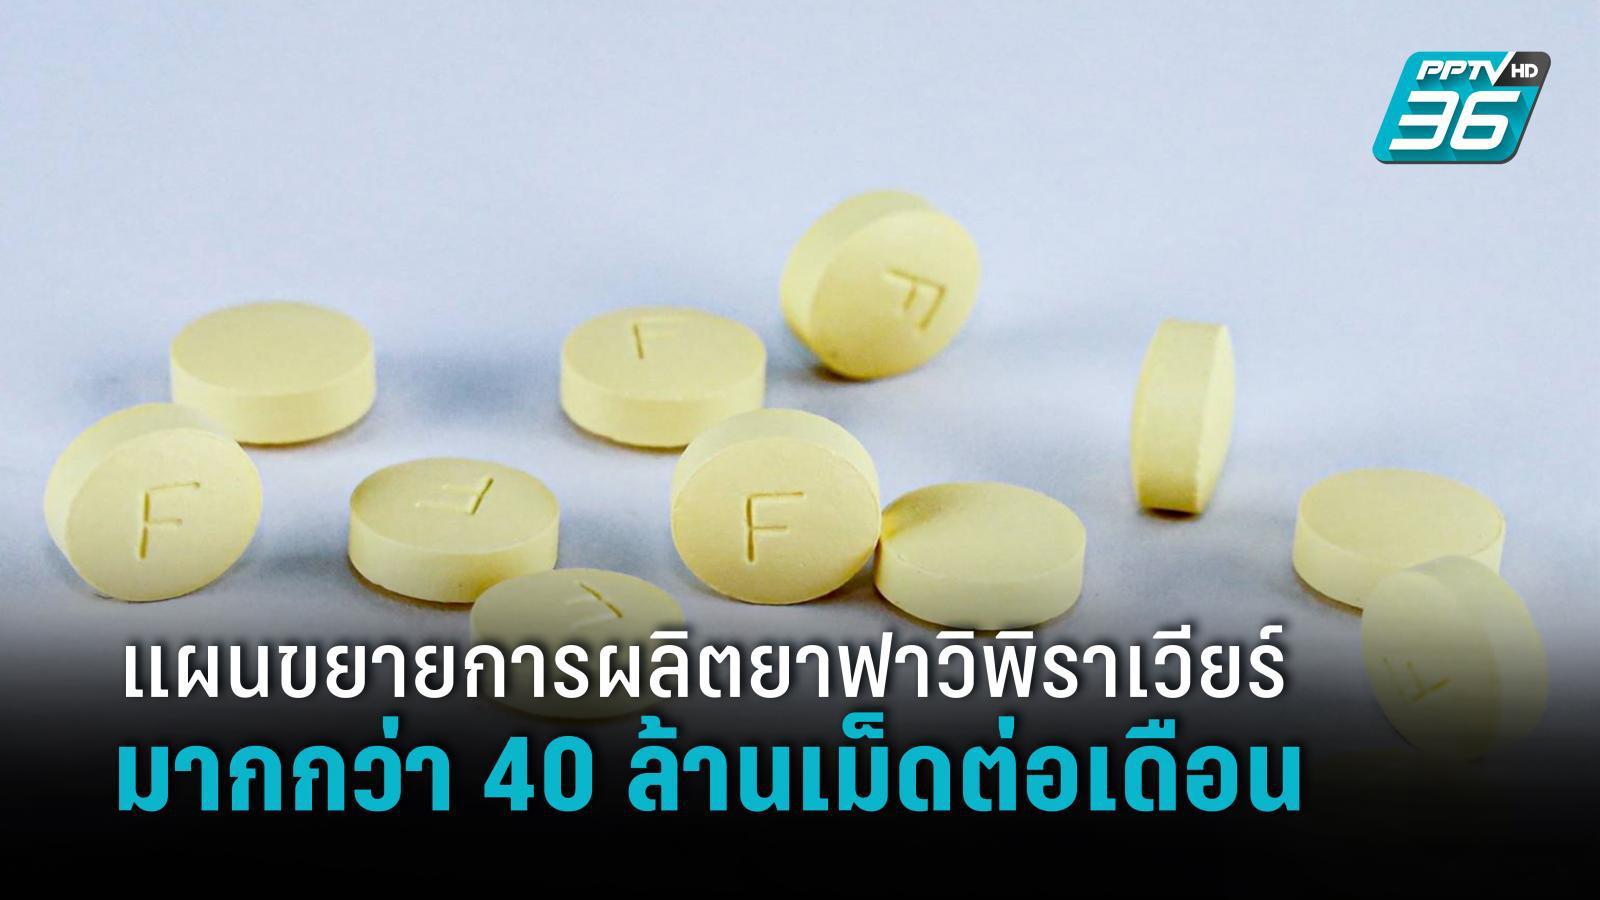 แผนขยายการผลิตยาฟาวิพิราเวียร์มากกว่า 40 ล้านเม็ดต่อเดือน